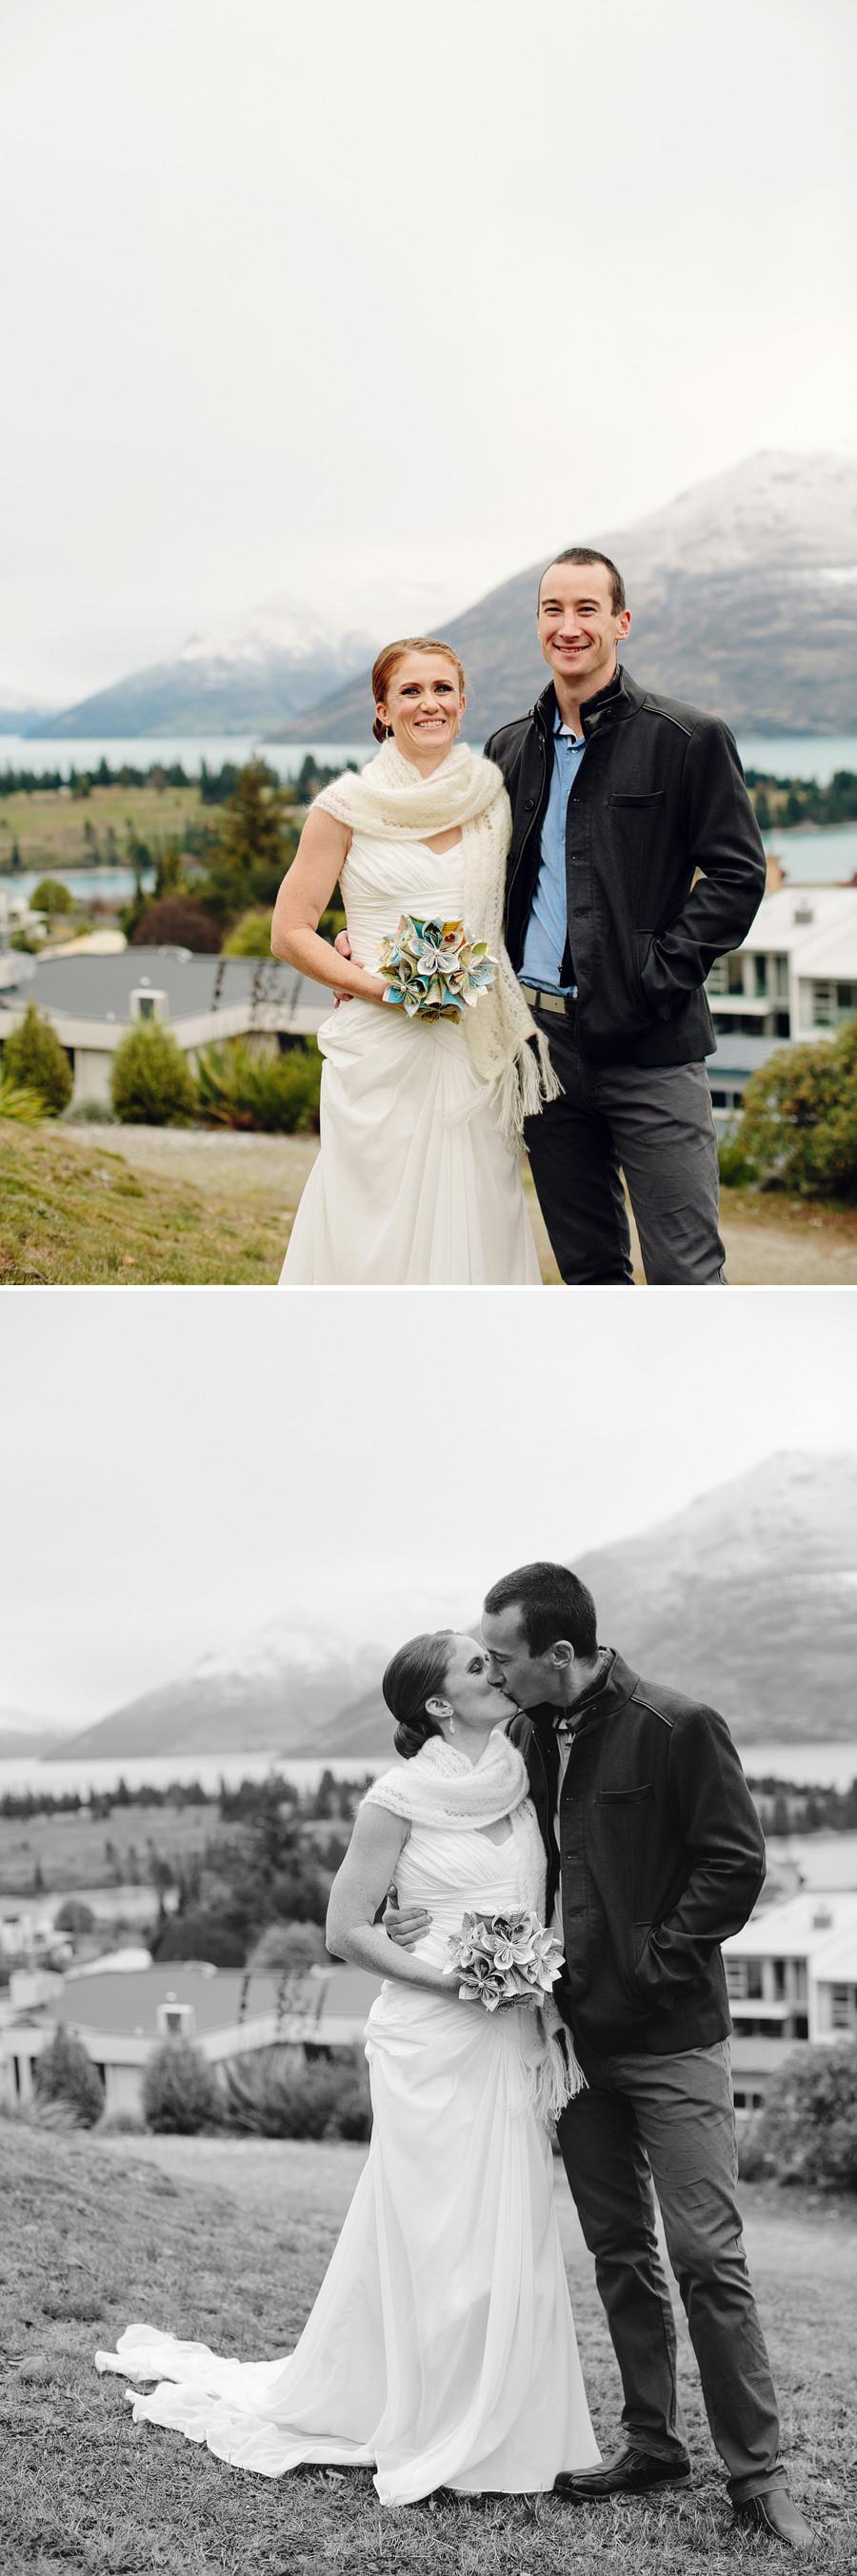 Queenstown Wedding Photography: Bride & Groom portraits